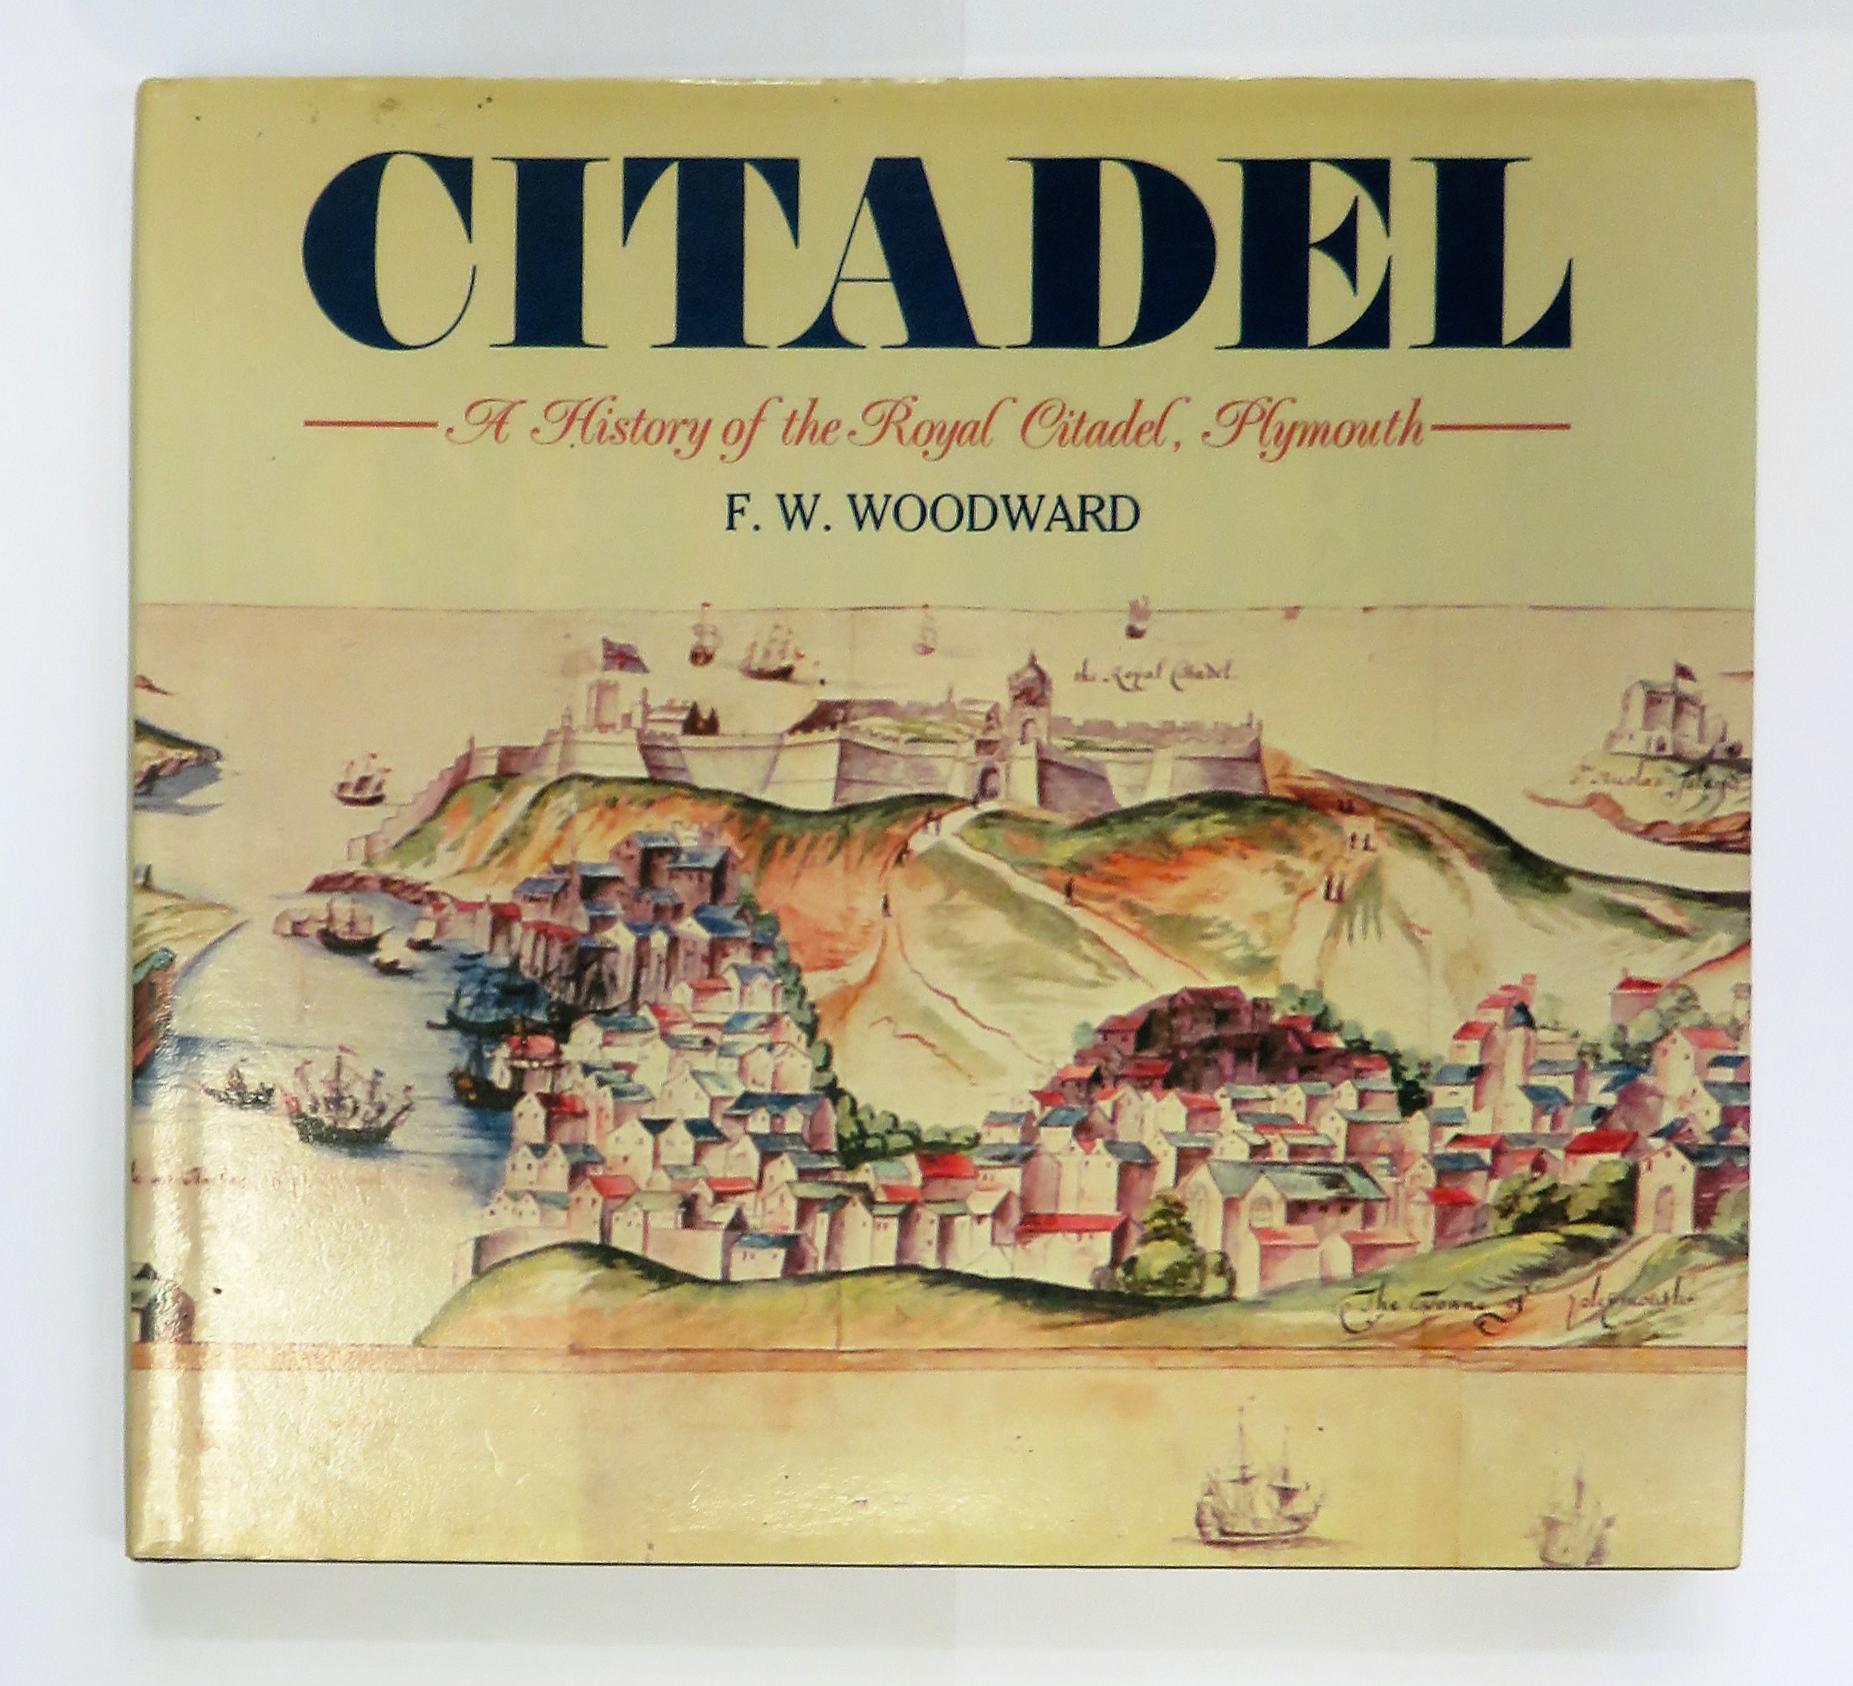 Citadel A History of the Royal Citadel Plymouth